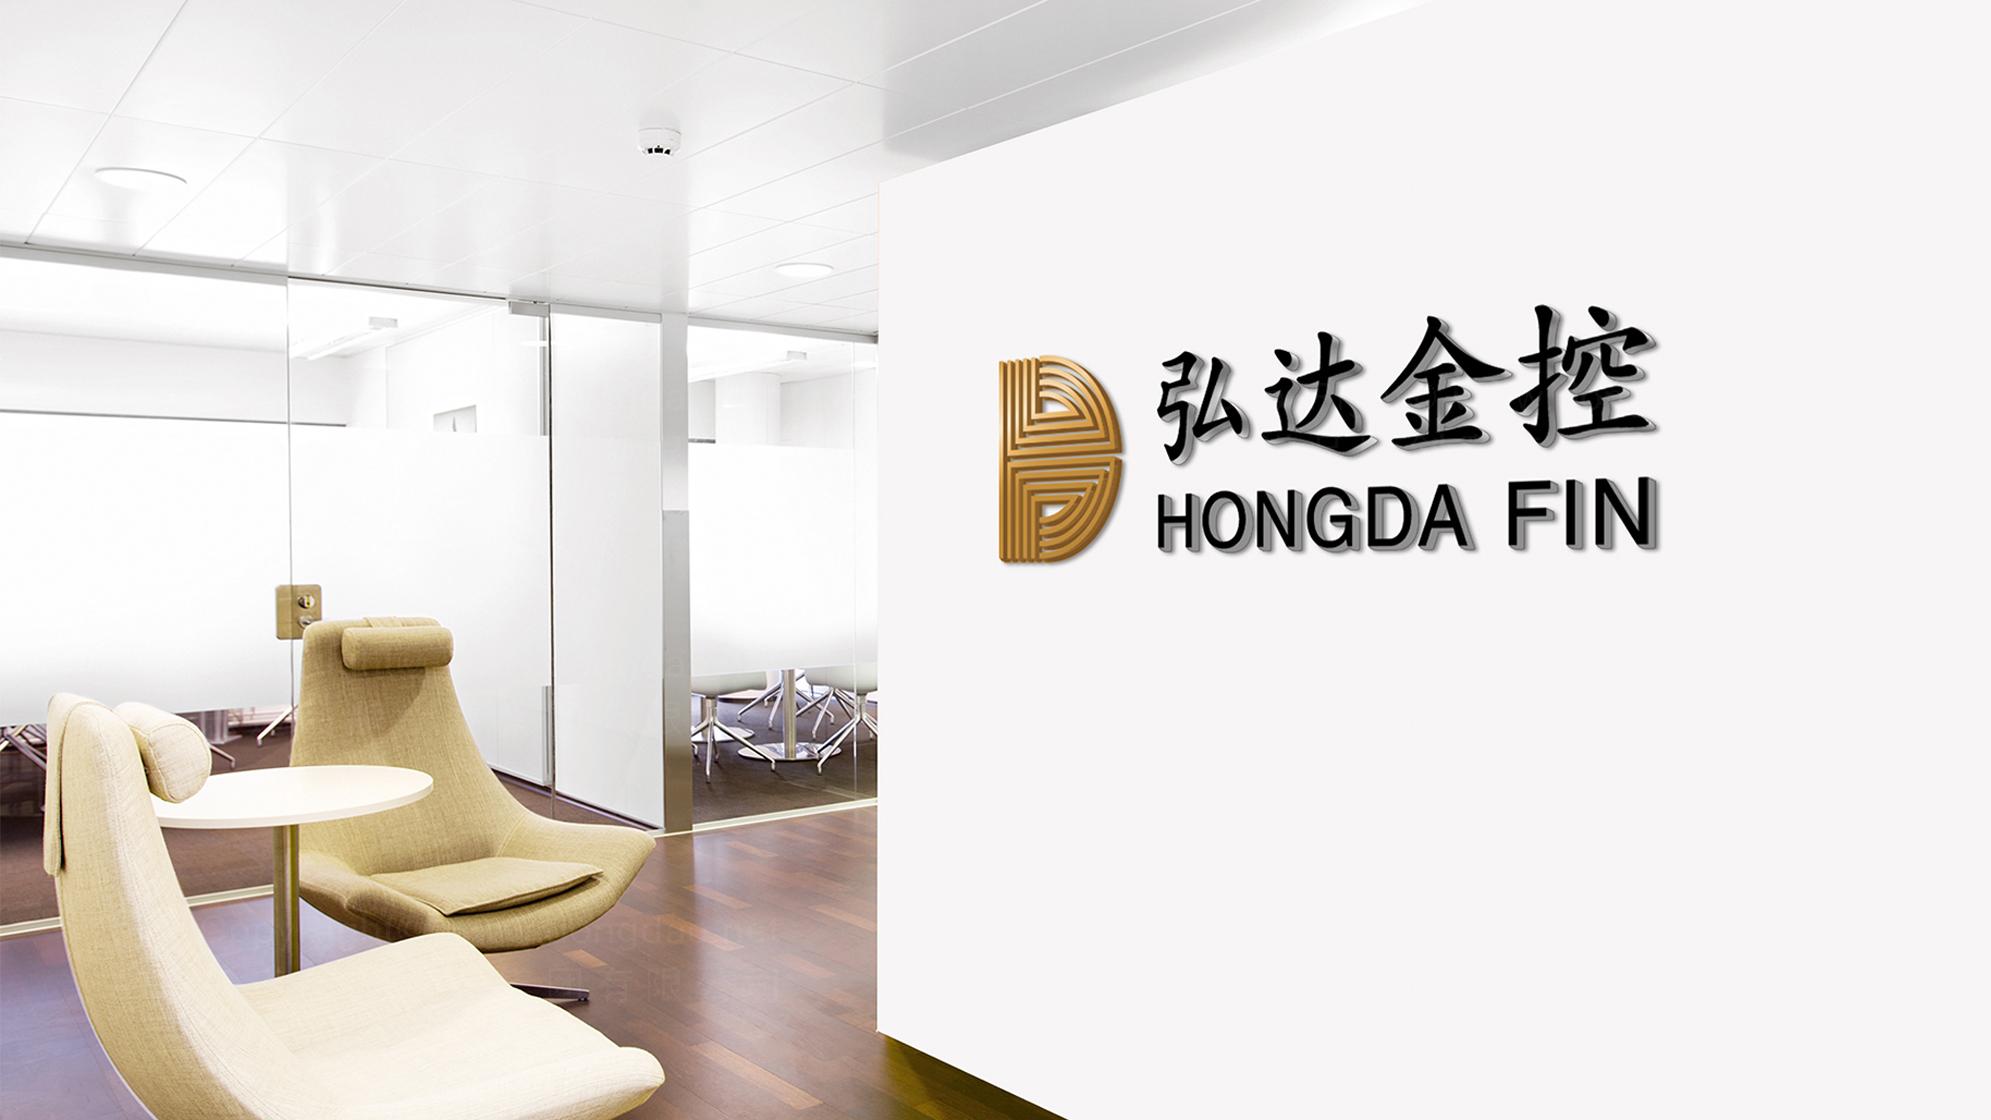 品牌设计案例弘达金融logo设计、vi设计